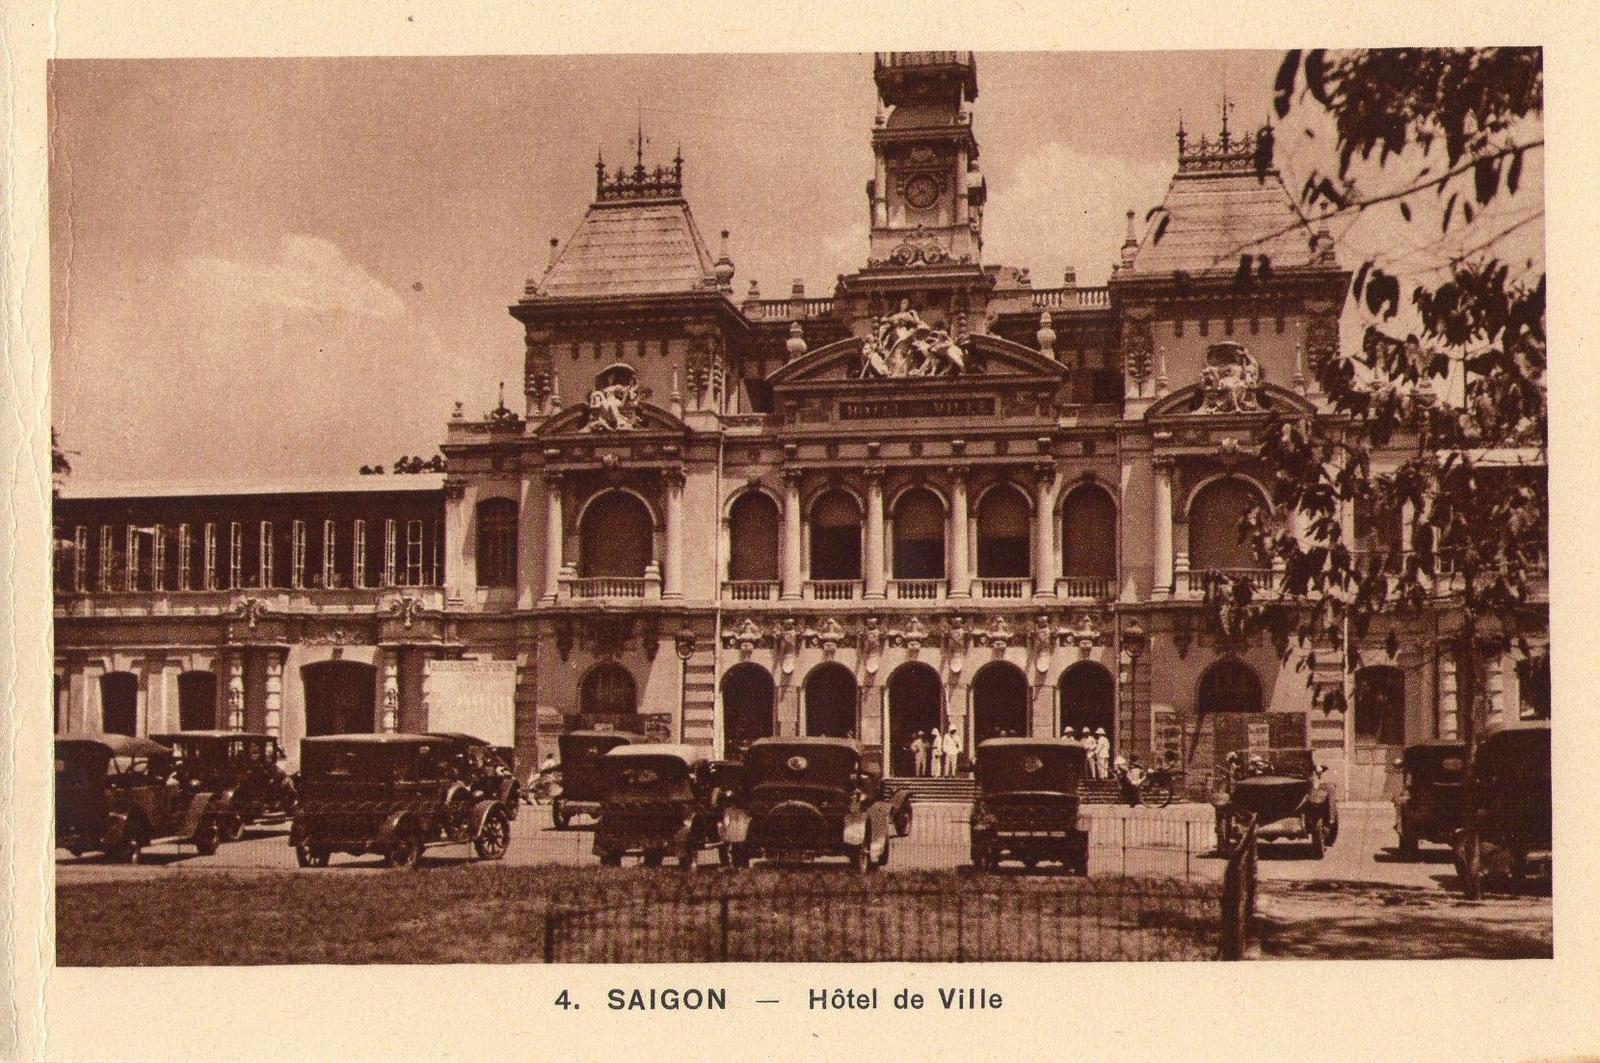 Saigon -  Hotel de Ville de Saigon dans les années 20